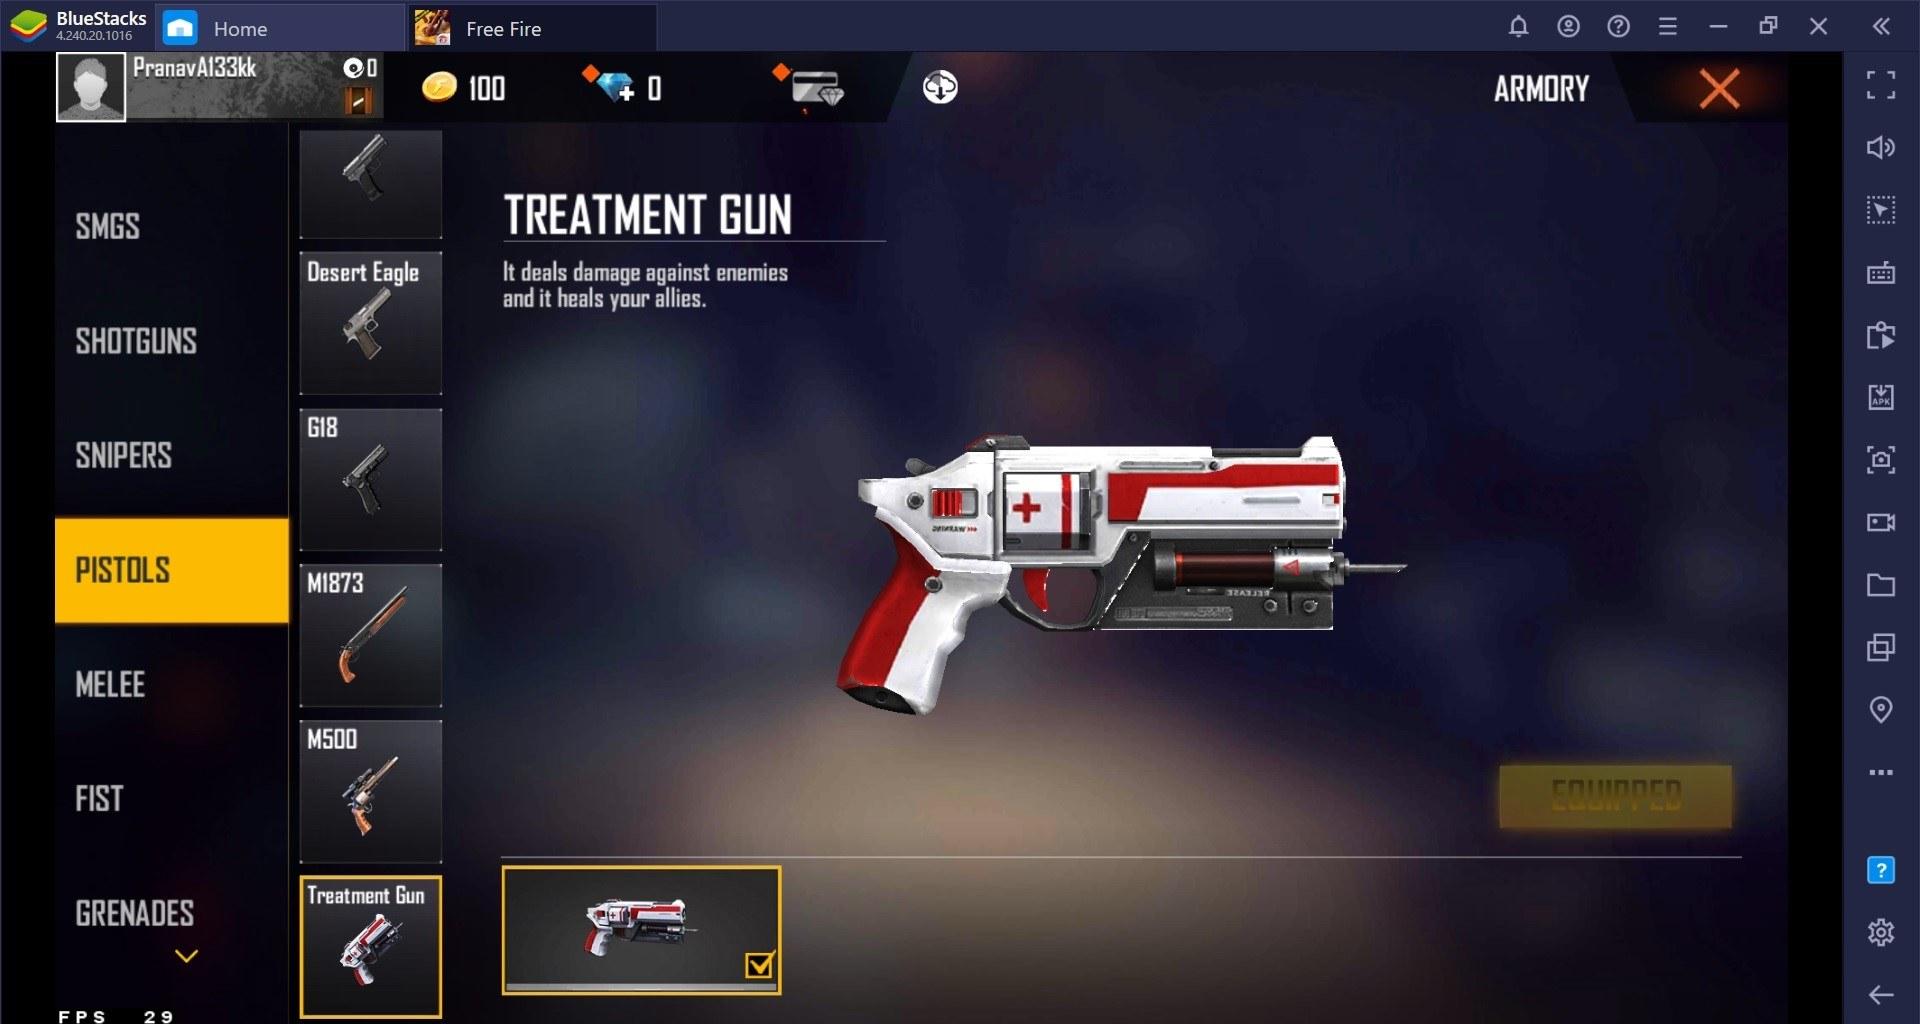 O Free Fire tem armas insanas e este guia de armas vai explicar uma a uma